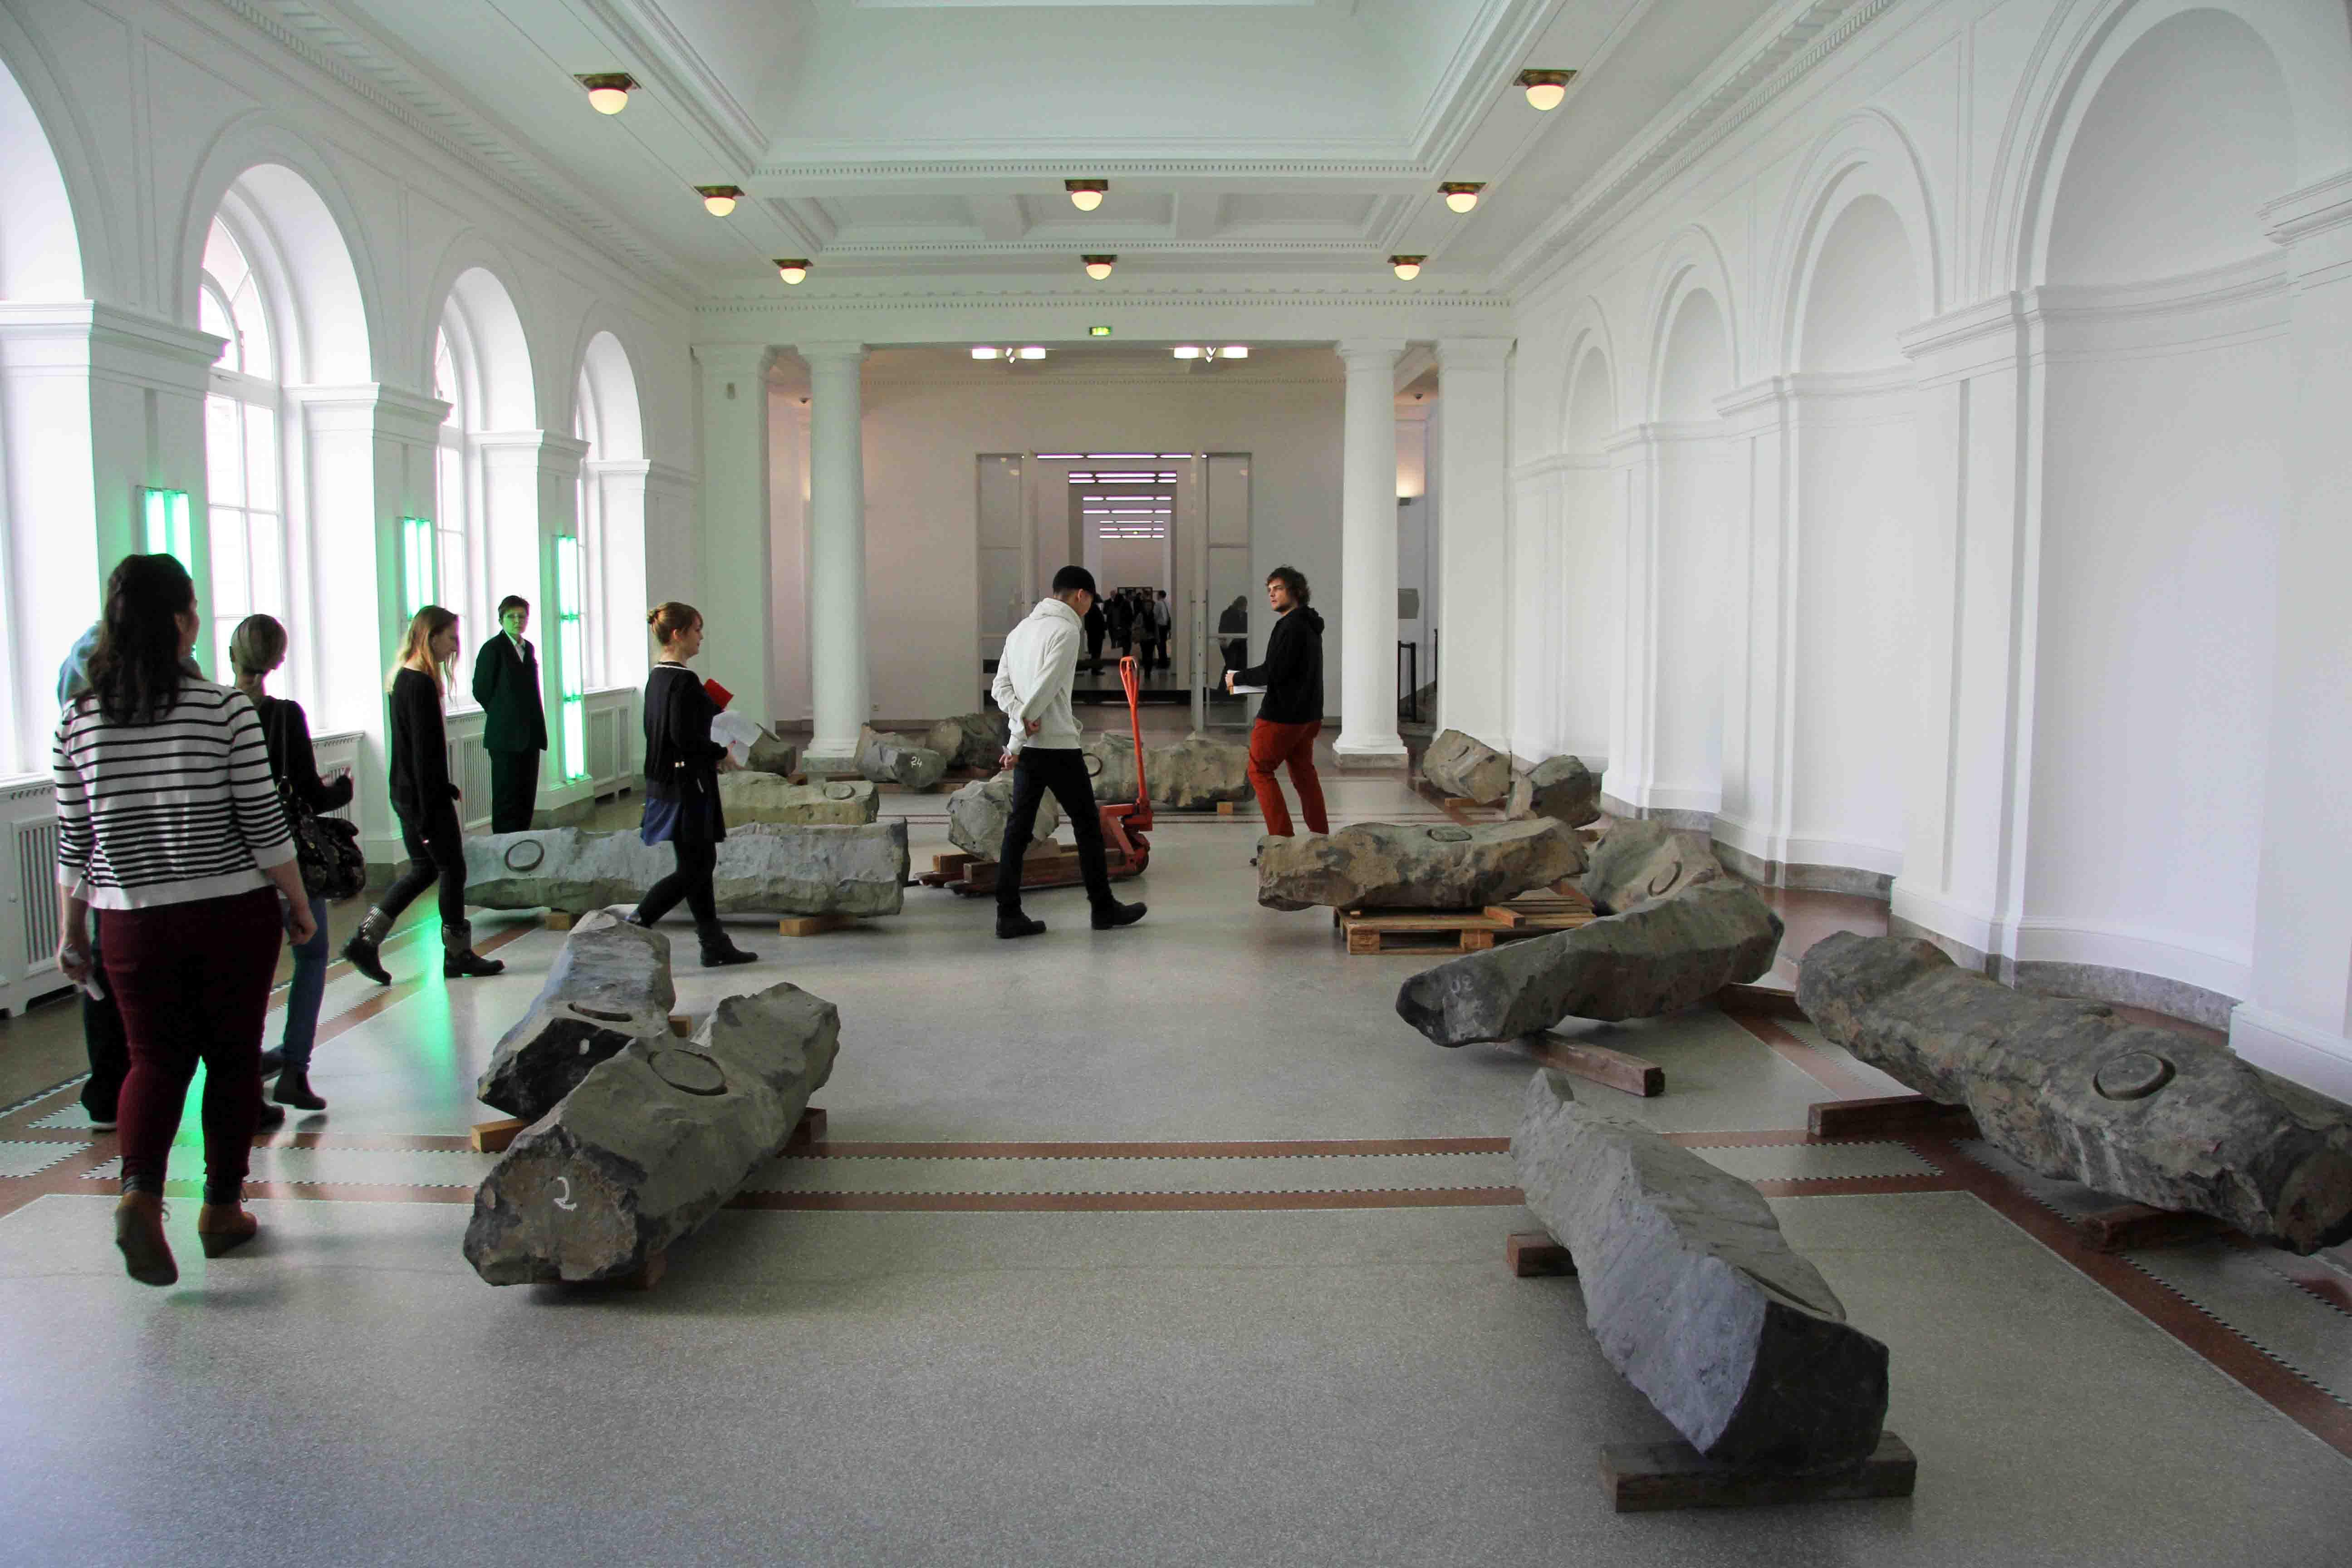 Joseph Beuys Das Ende des 20. Jahrhunderts - at Hamburger Bahnhof – Museum für Gegenwart